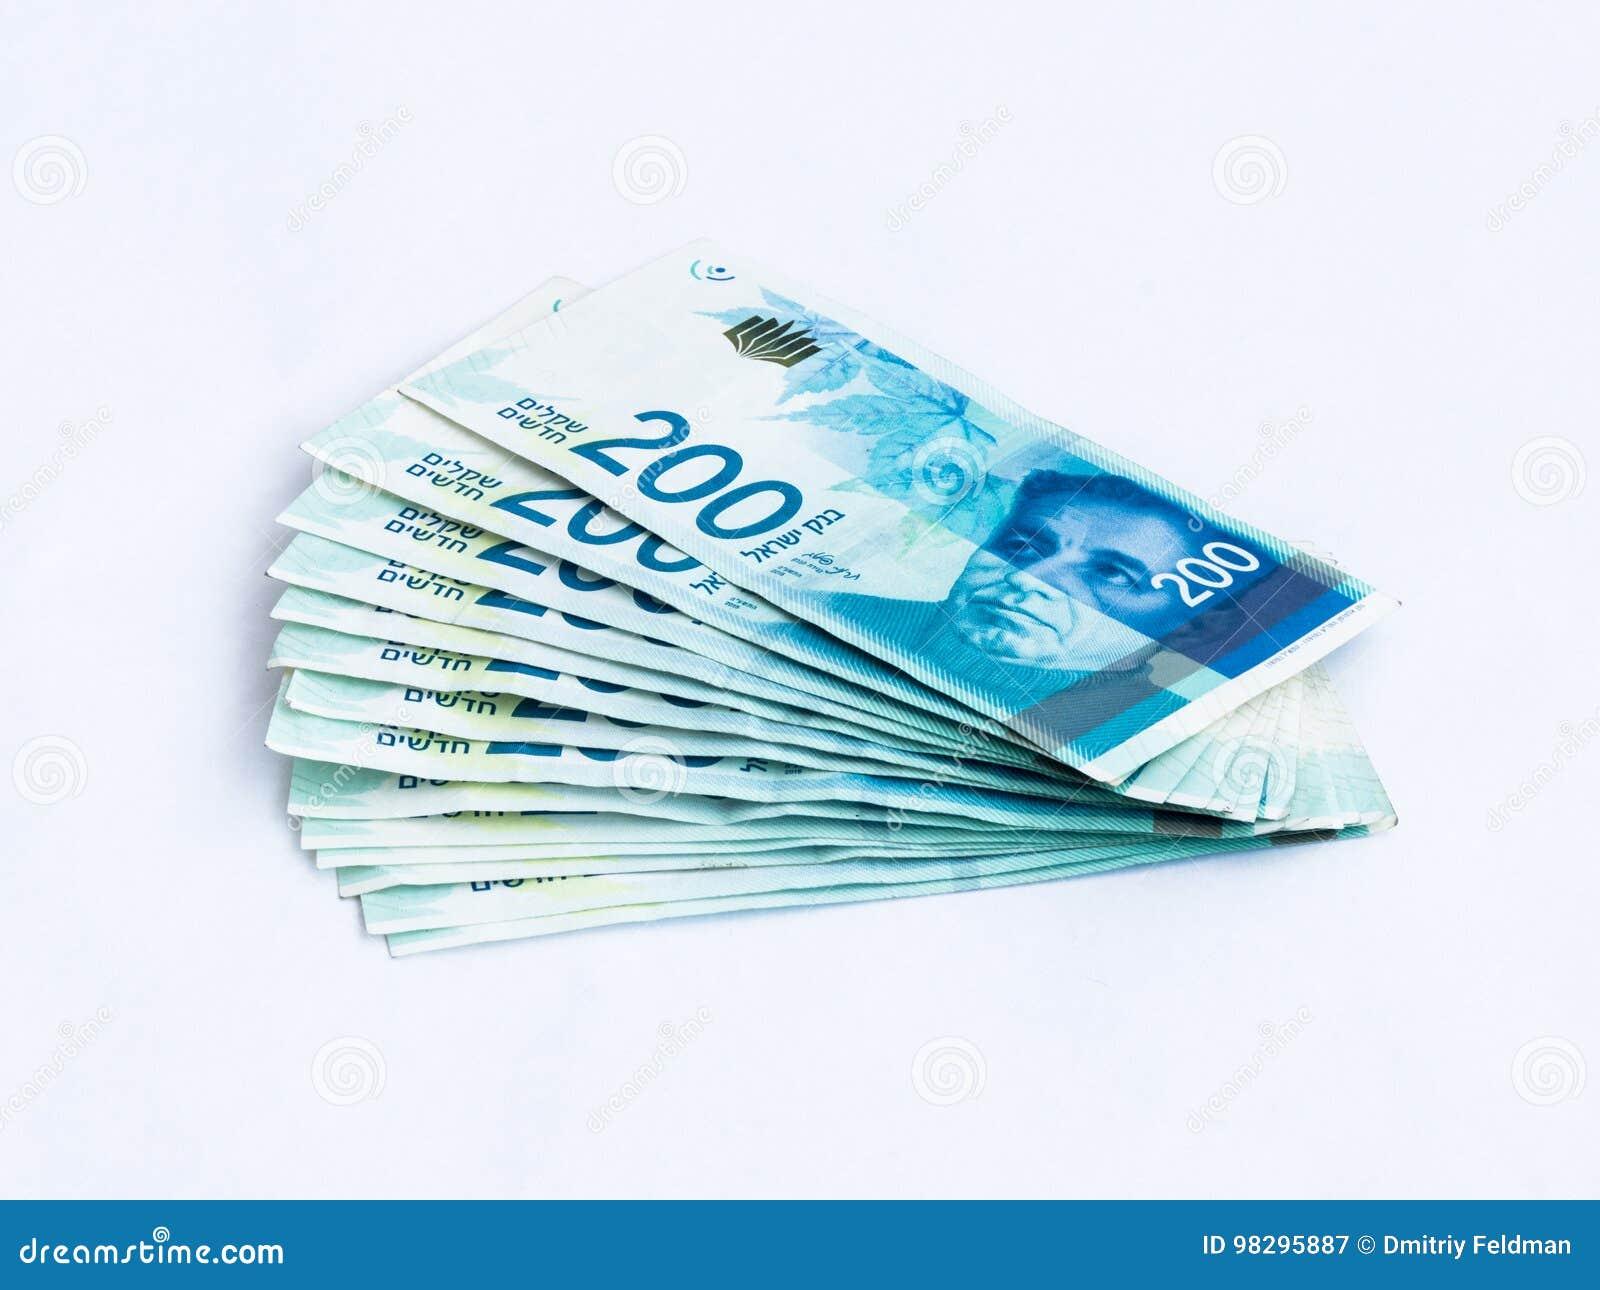 Einige Neue Banknoten Wert 200 Israelische Neue Schekel Auf Einem